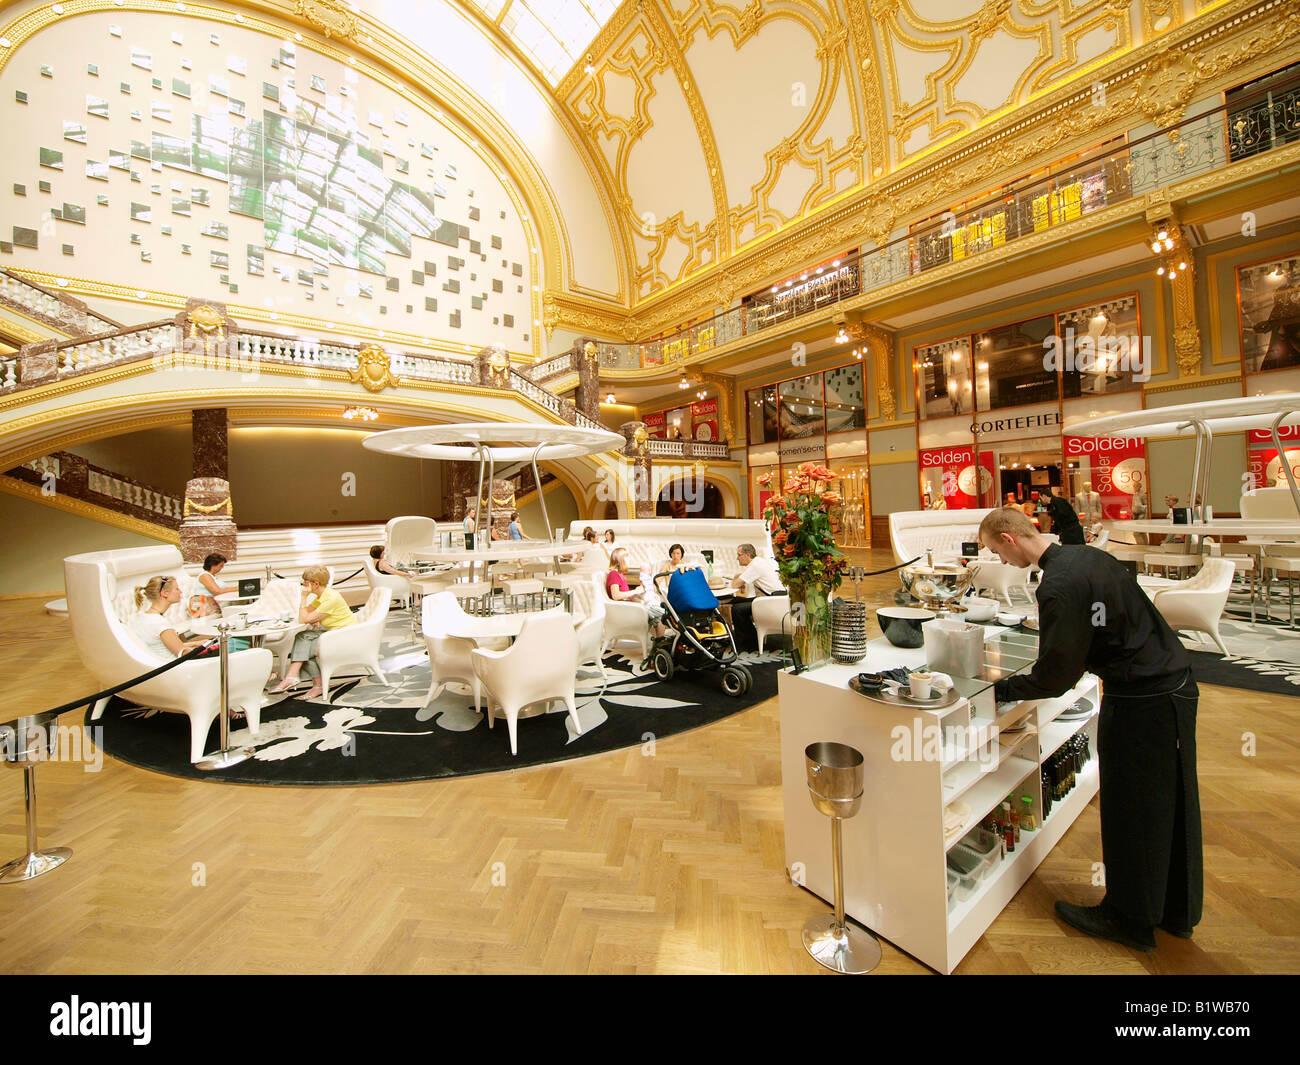 Stadsfeestzaal interno un famoso shopping Anversa hotspot con area bar e lounge Meir Anversa Fiandre Belgio Foto Stock